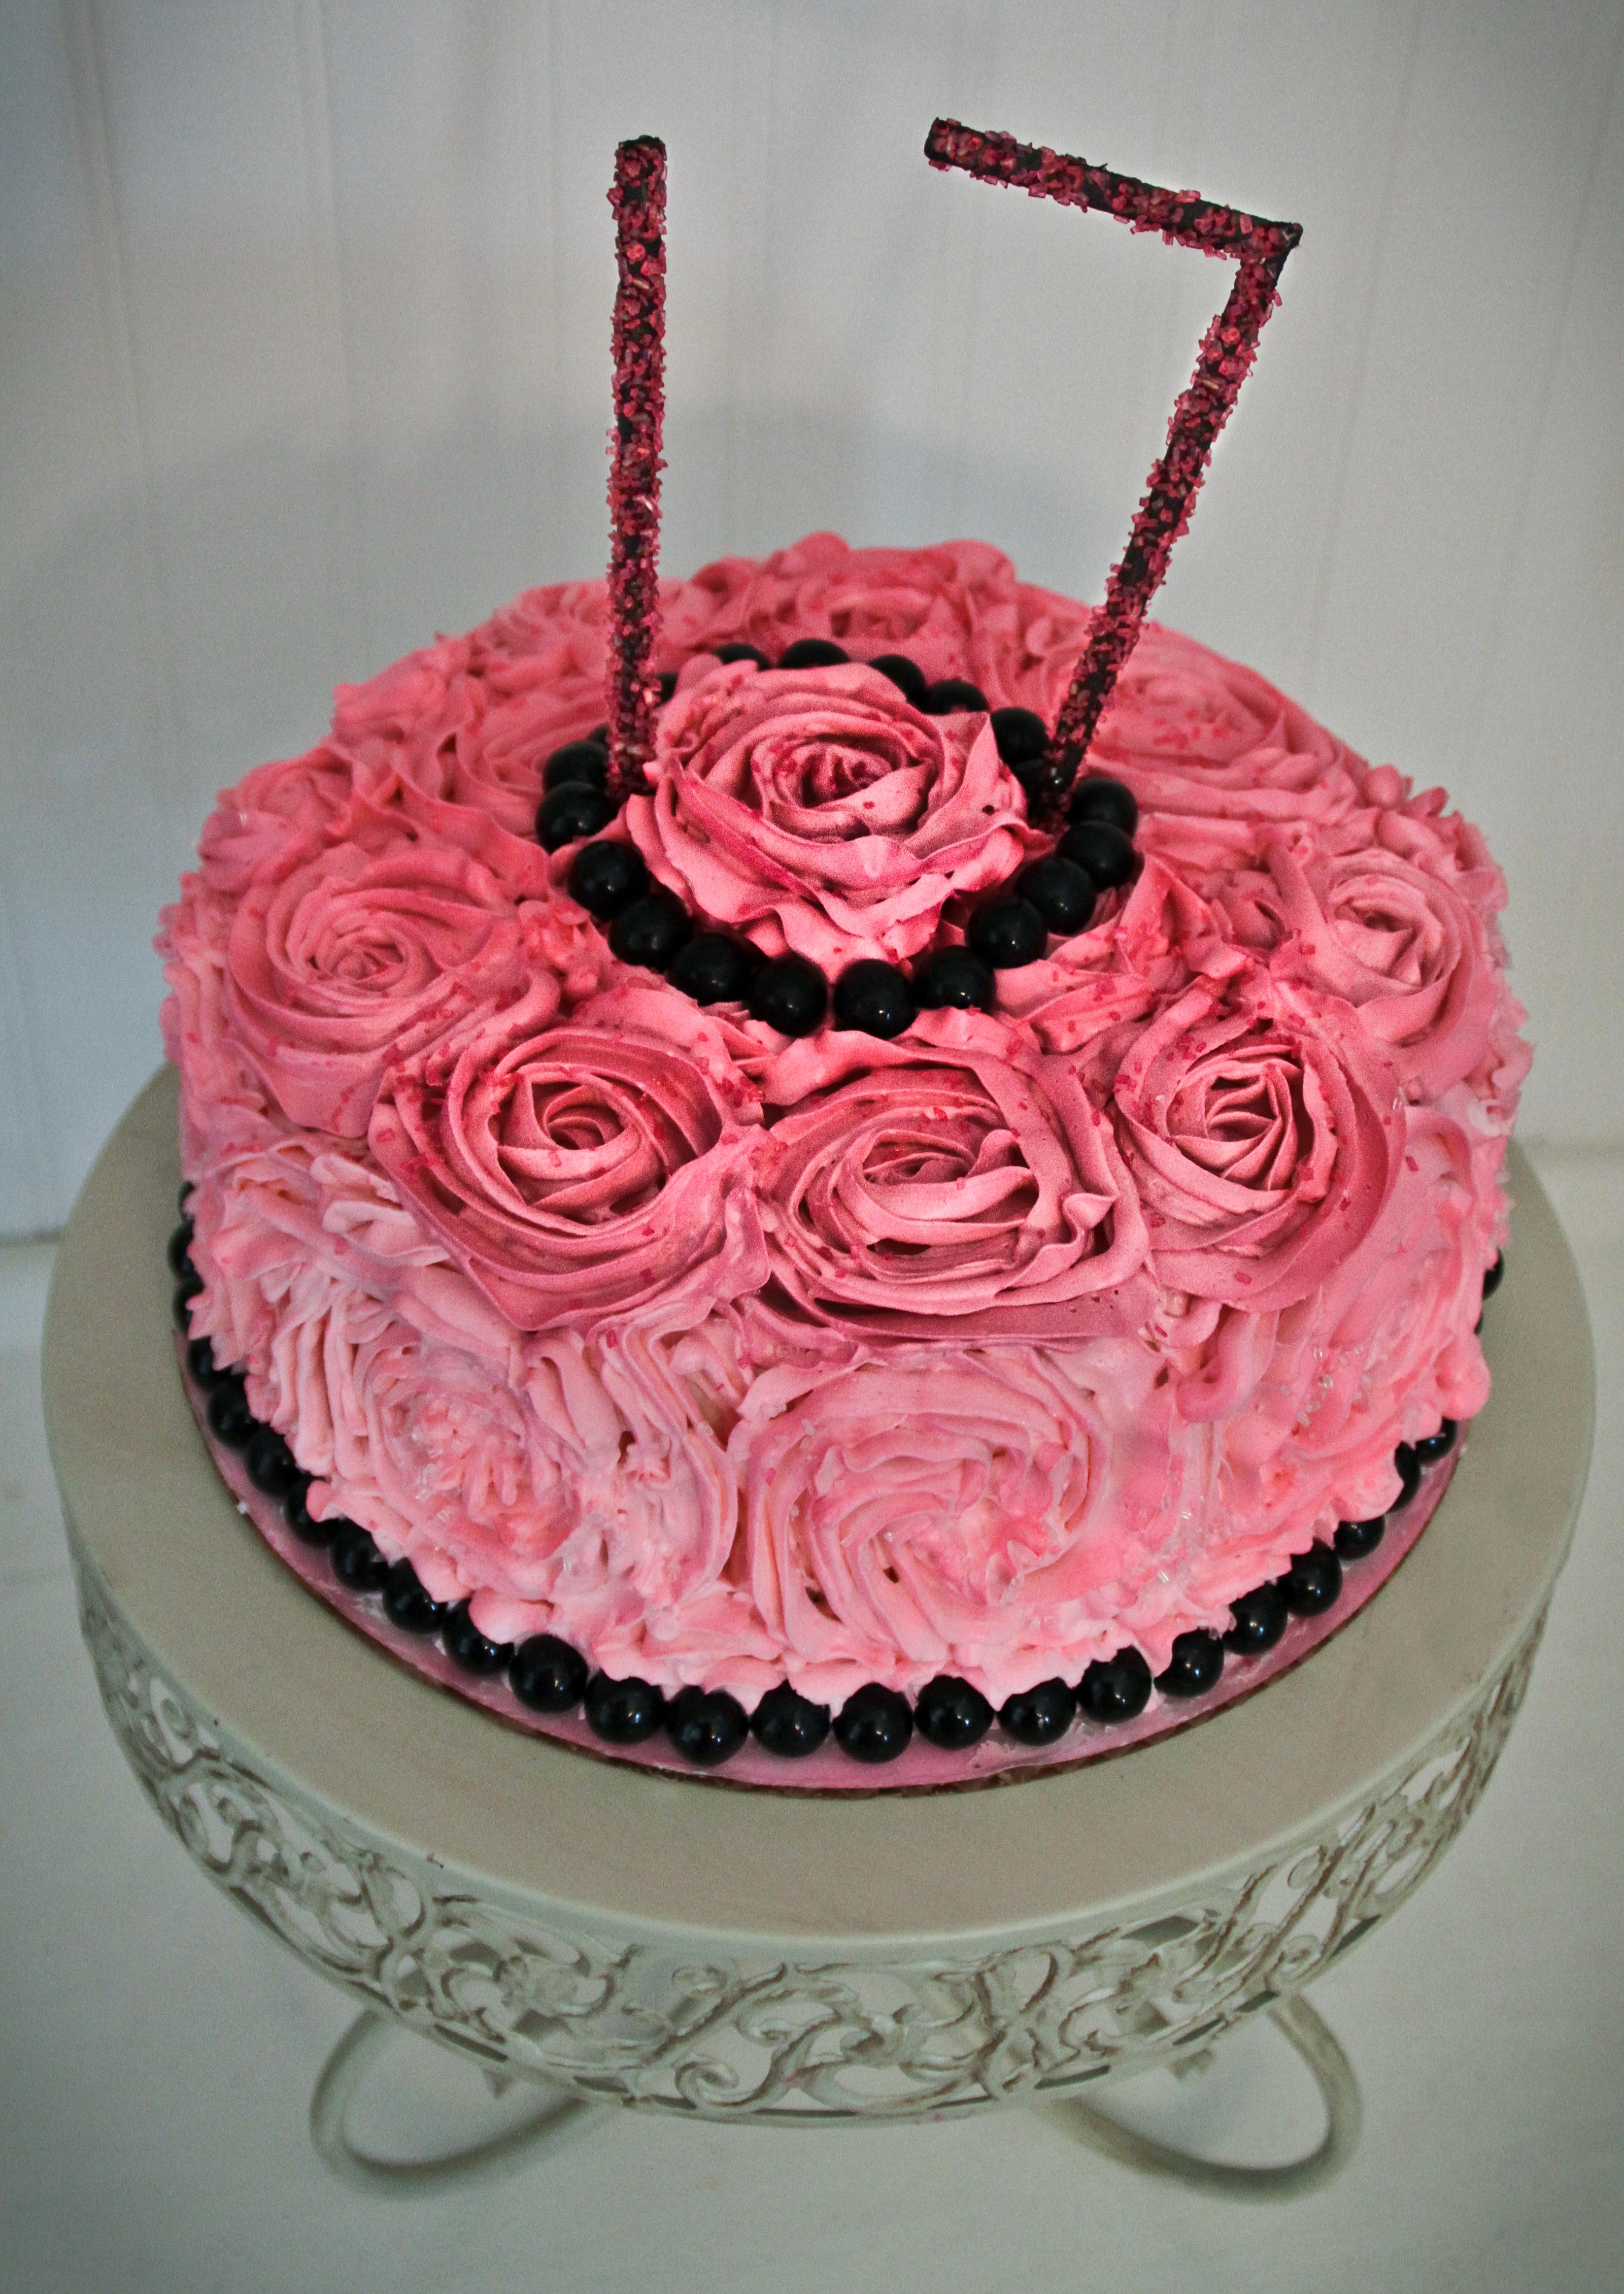 Rosette Buttercream Cake